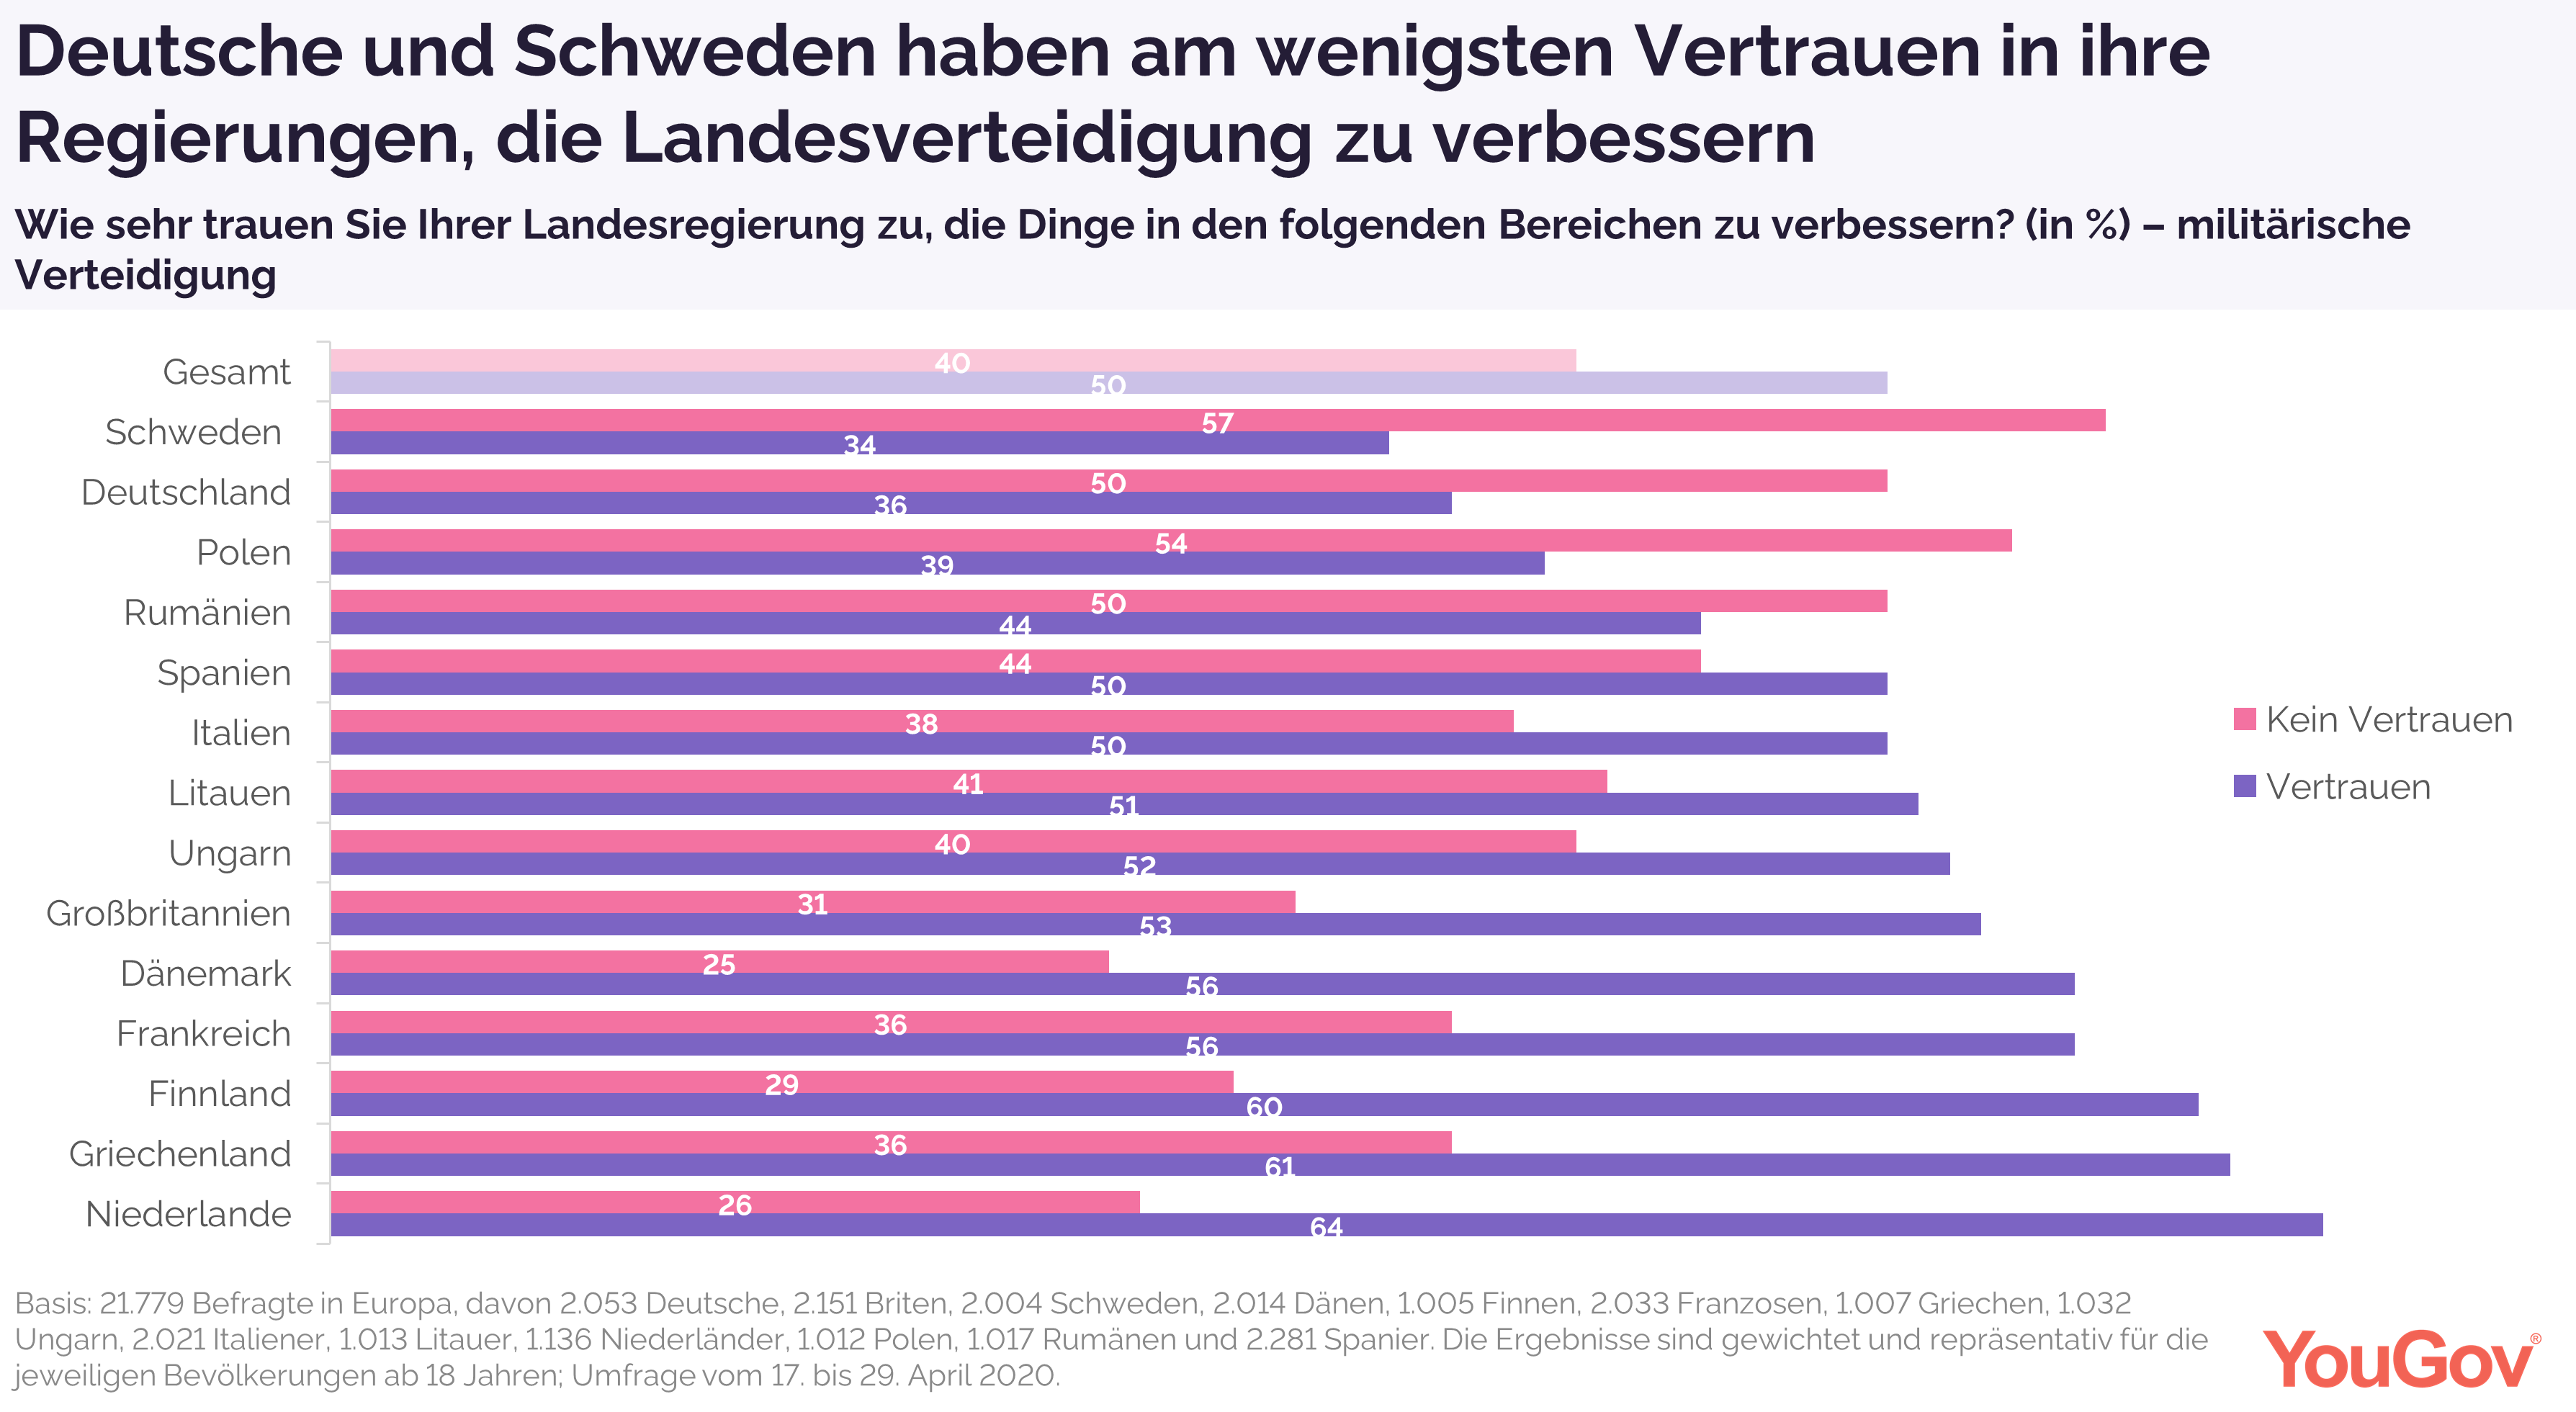 Deutsche und Schweden haben am wenigsten Vertrauen